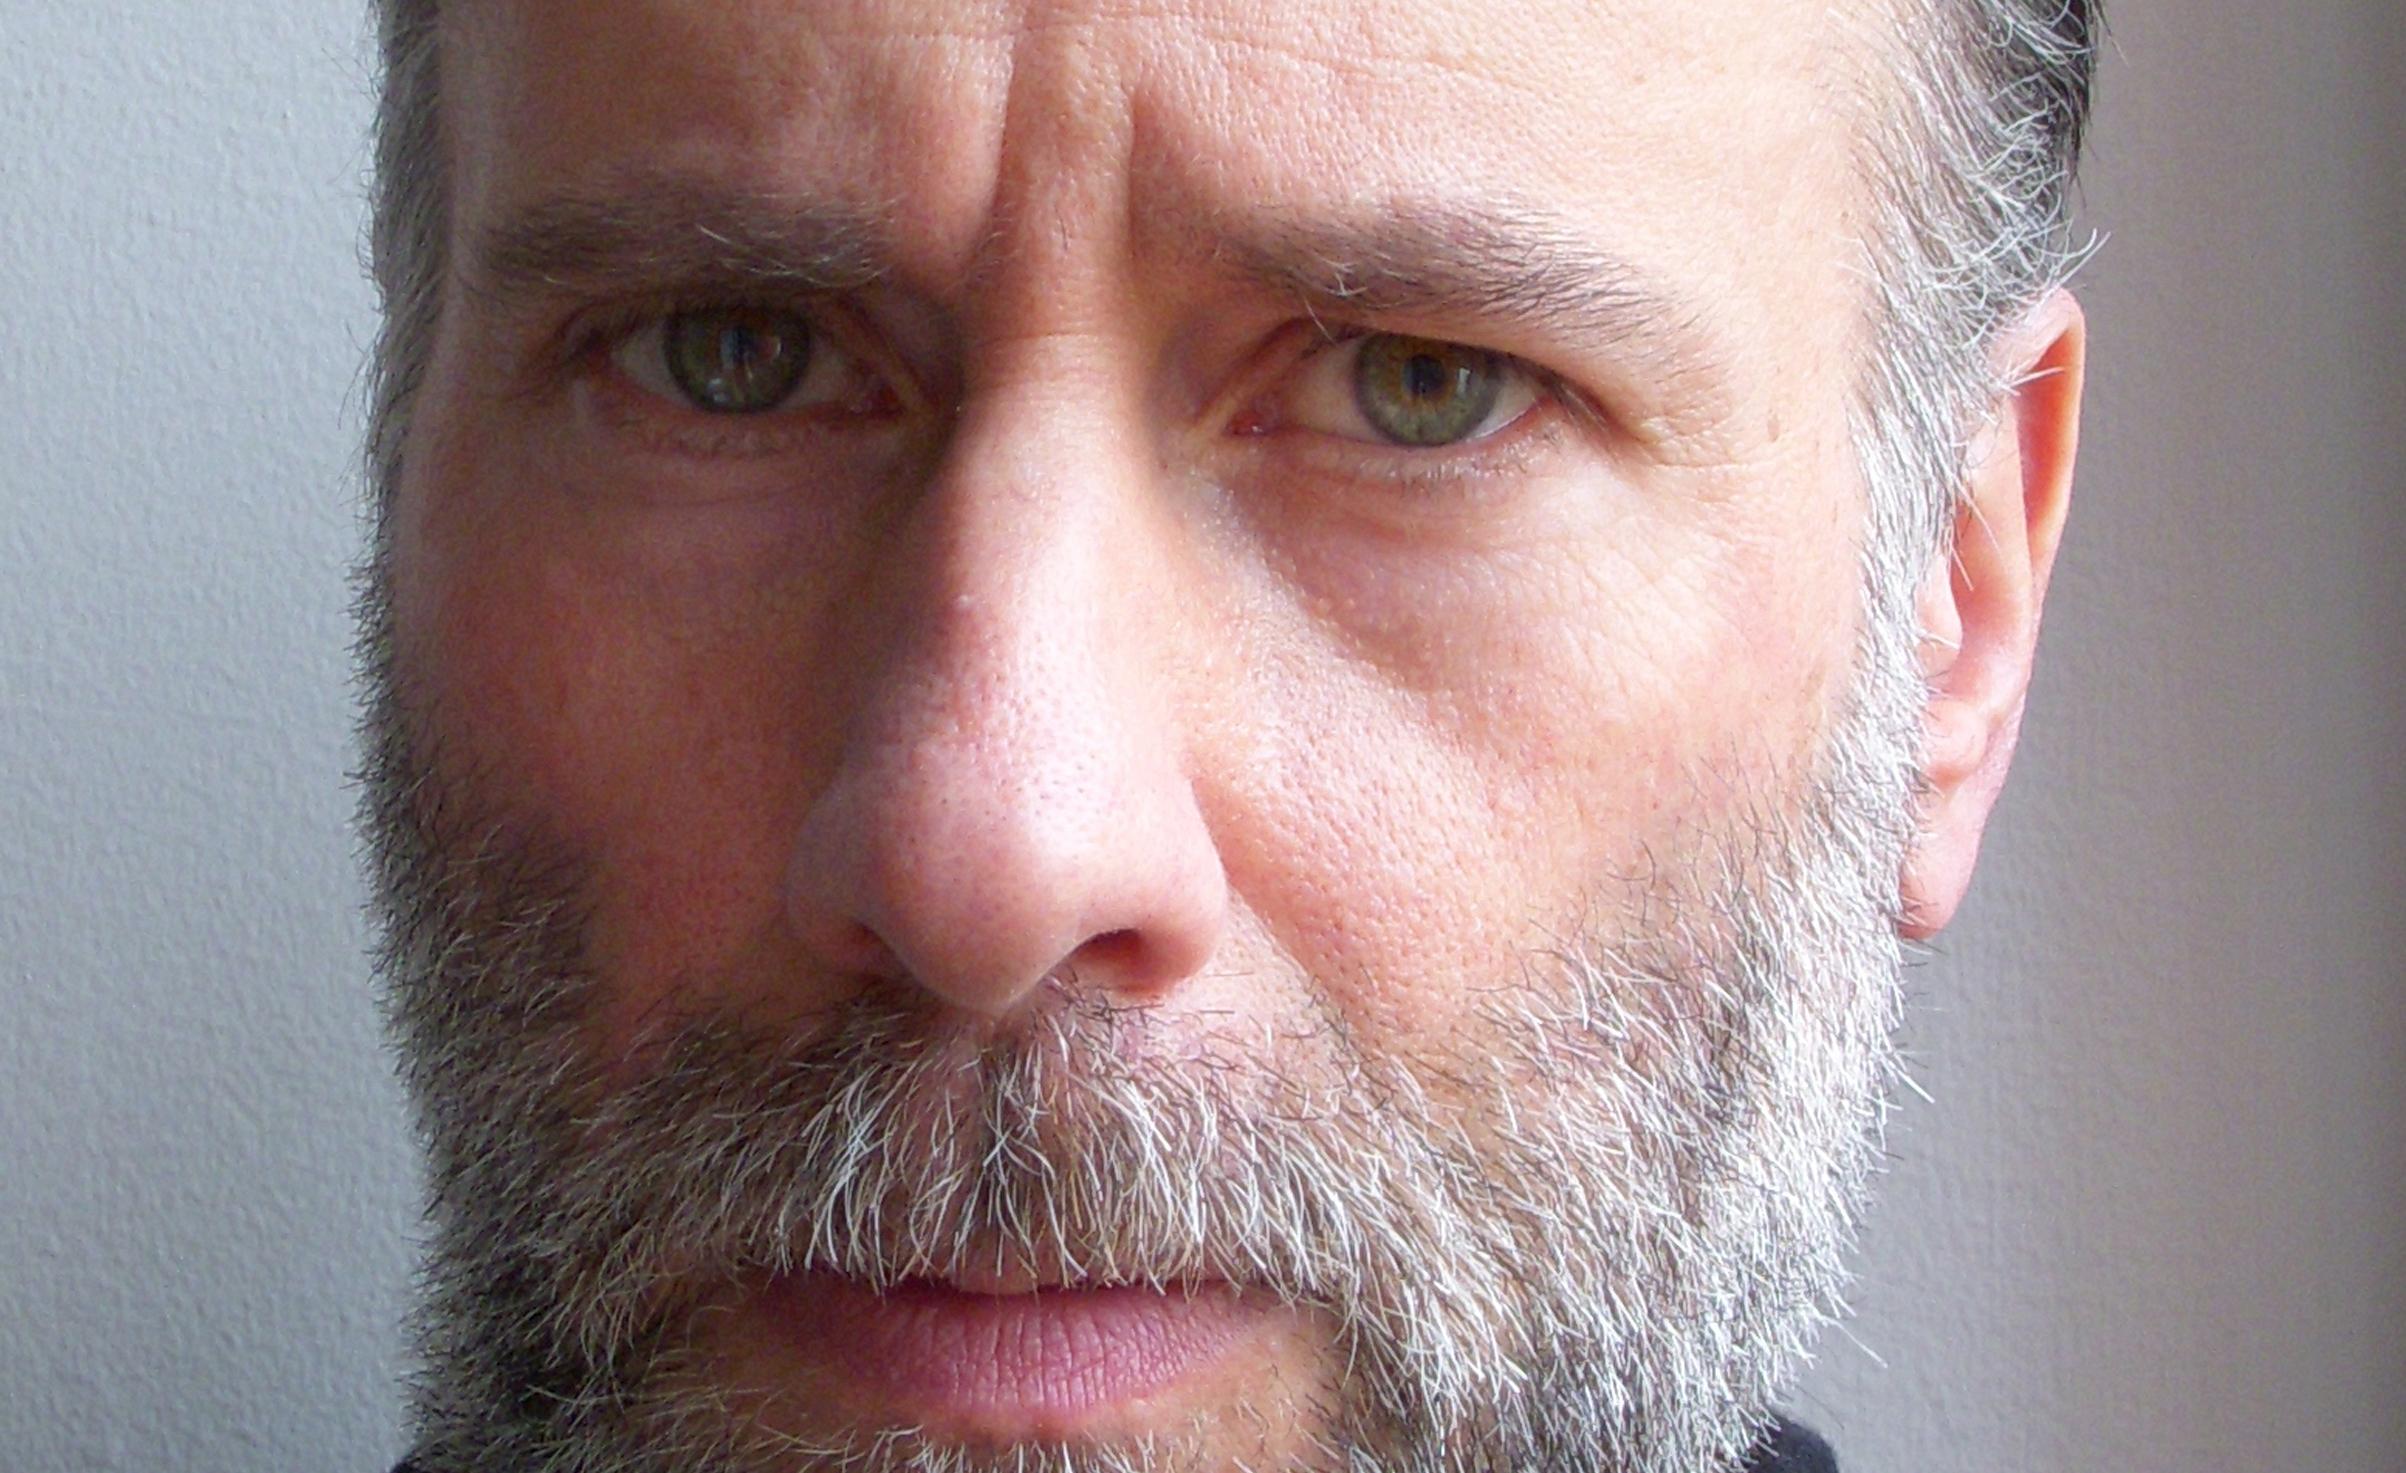 RG_Beard6.jpg